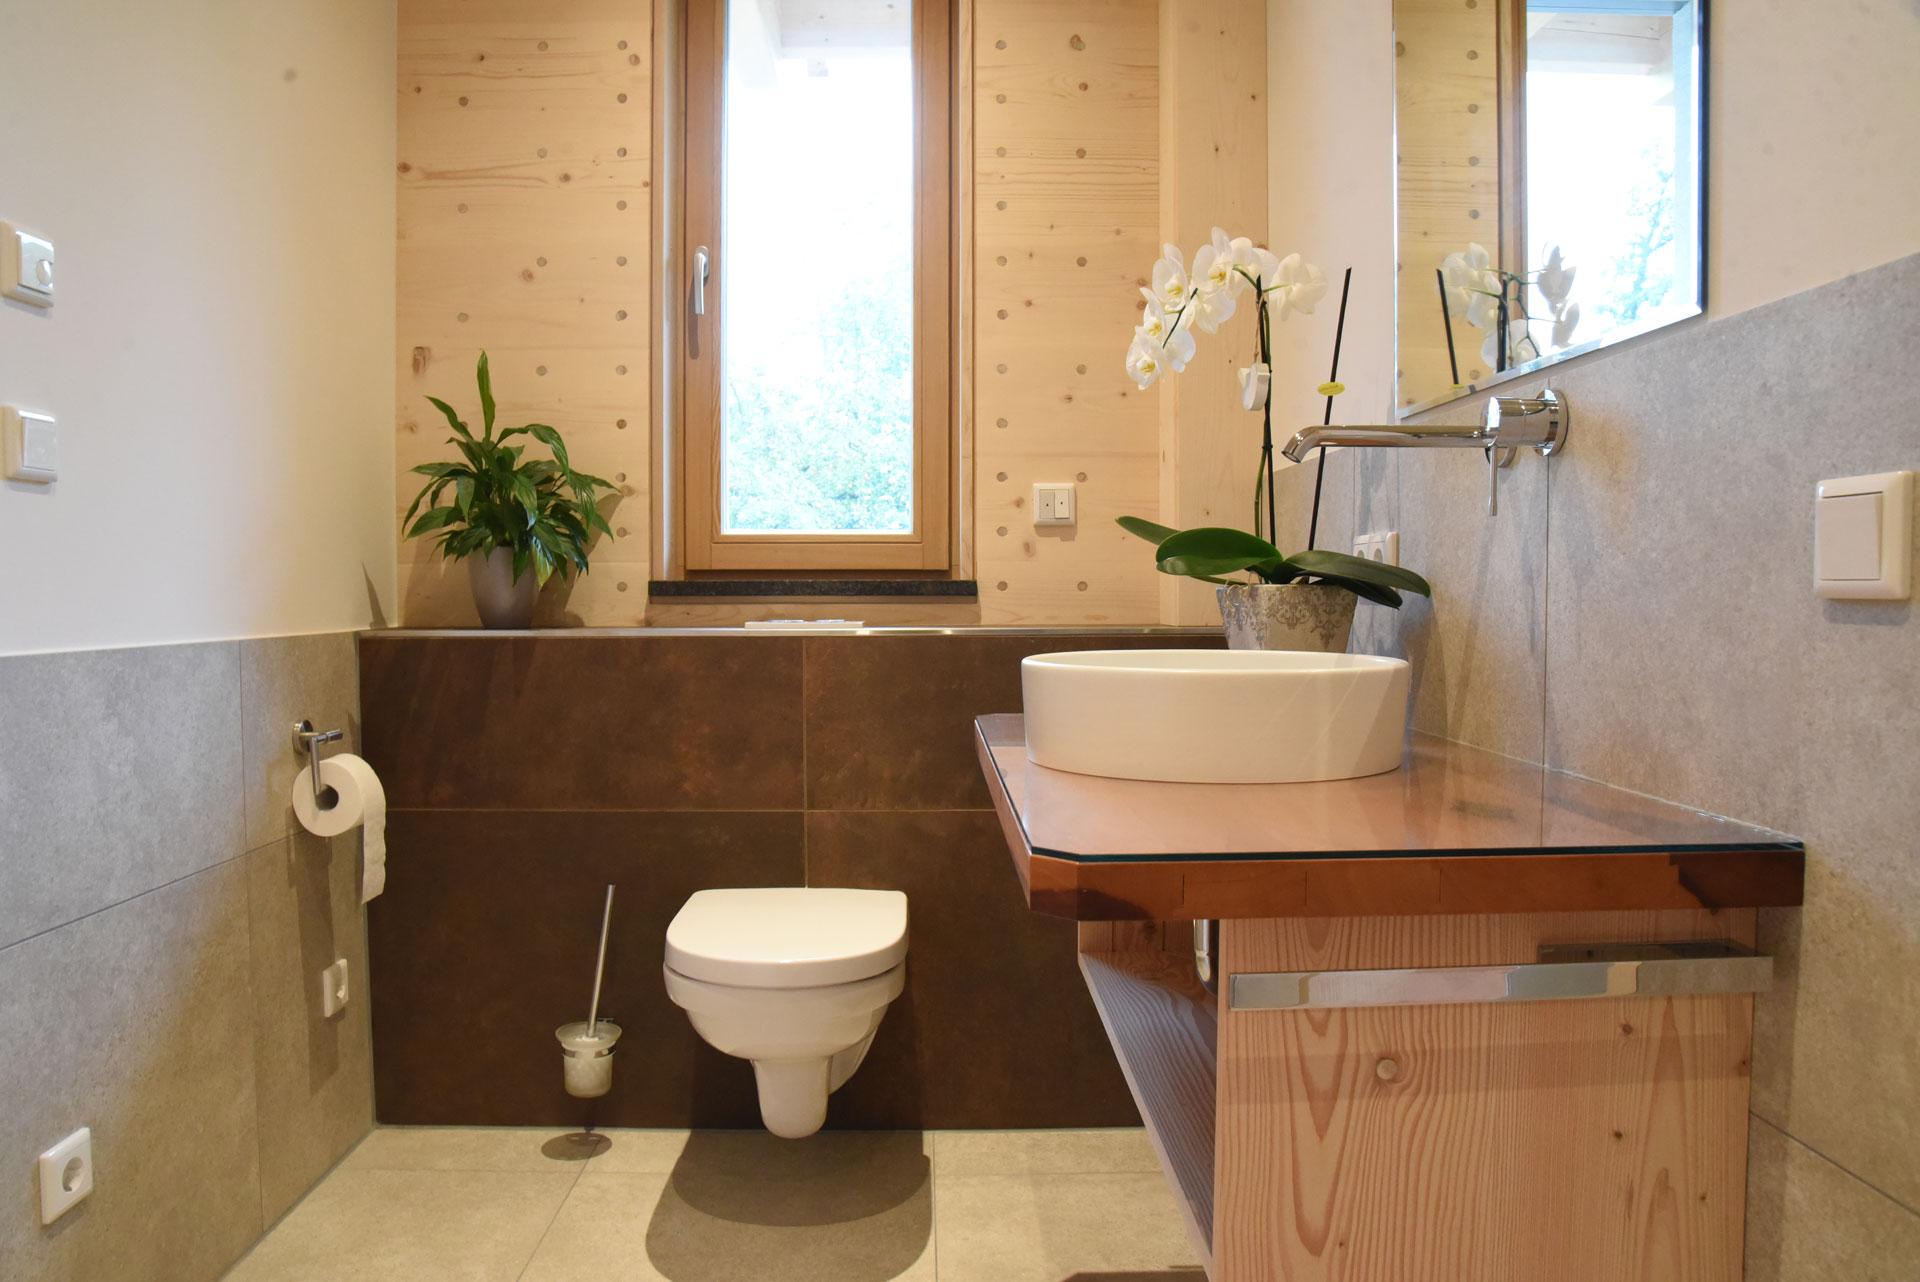 Bad in der Probewohnung Bad Feilnbach